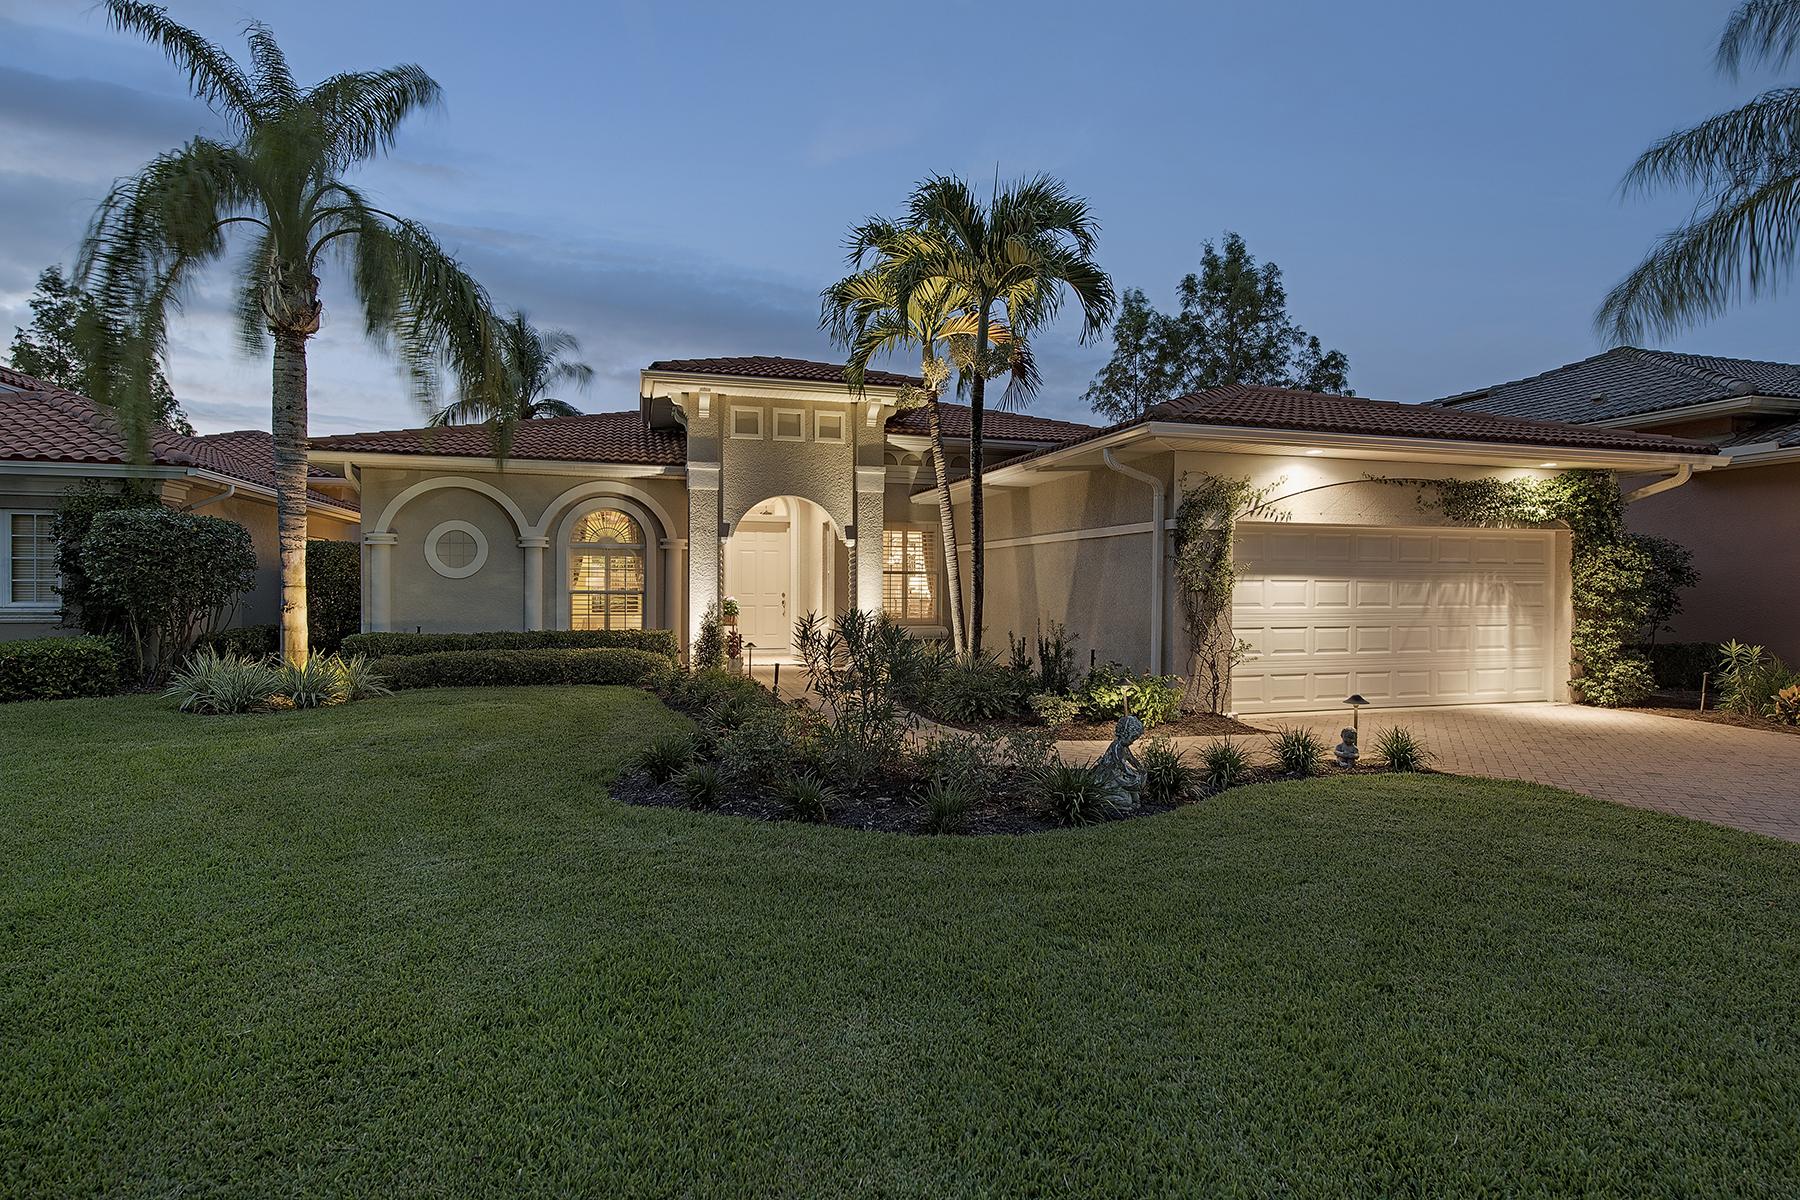 Casa Unifamiliar por un Venta en OLDE CYPRESS - SANTA ROSA 7395 Monteverde Way Naples, Florida, 34119 Estados Unidos